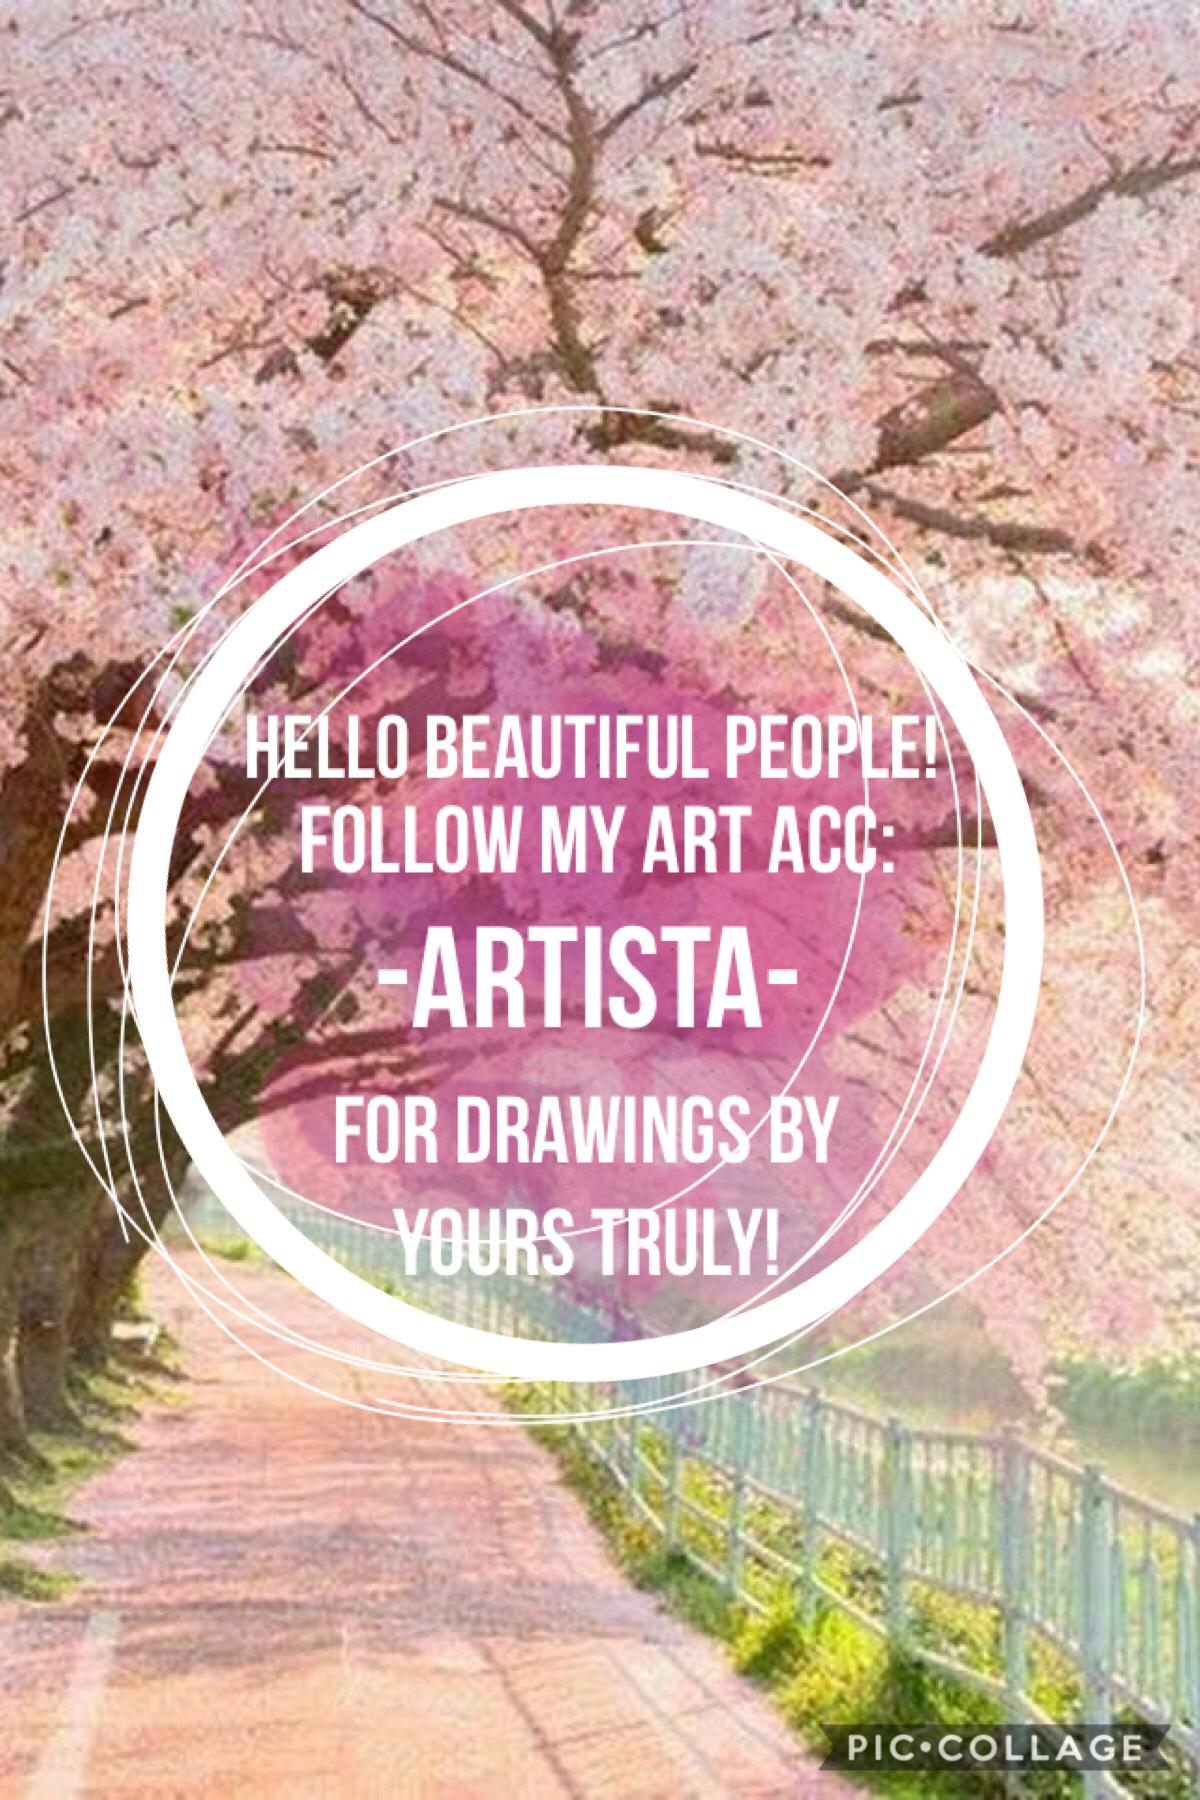 Follow -artista-